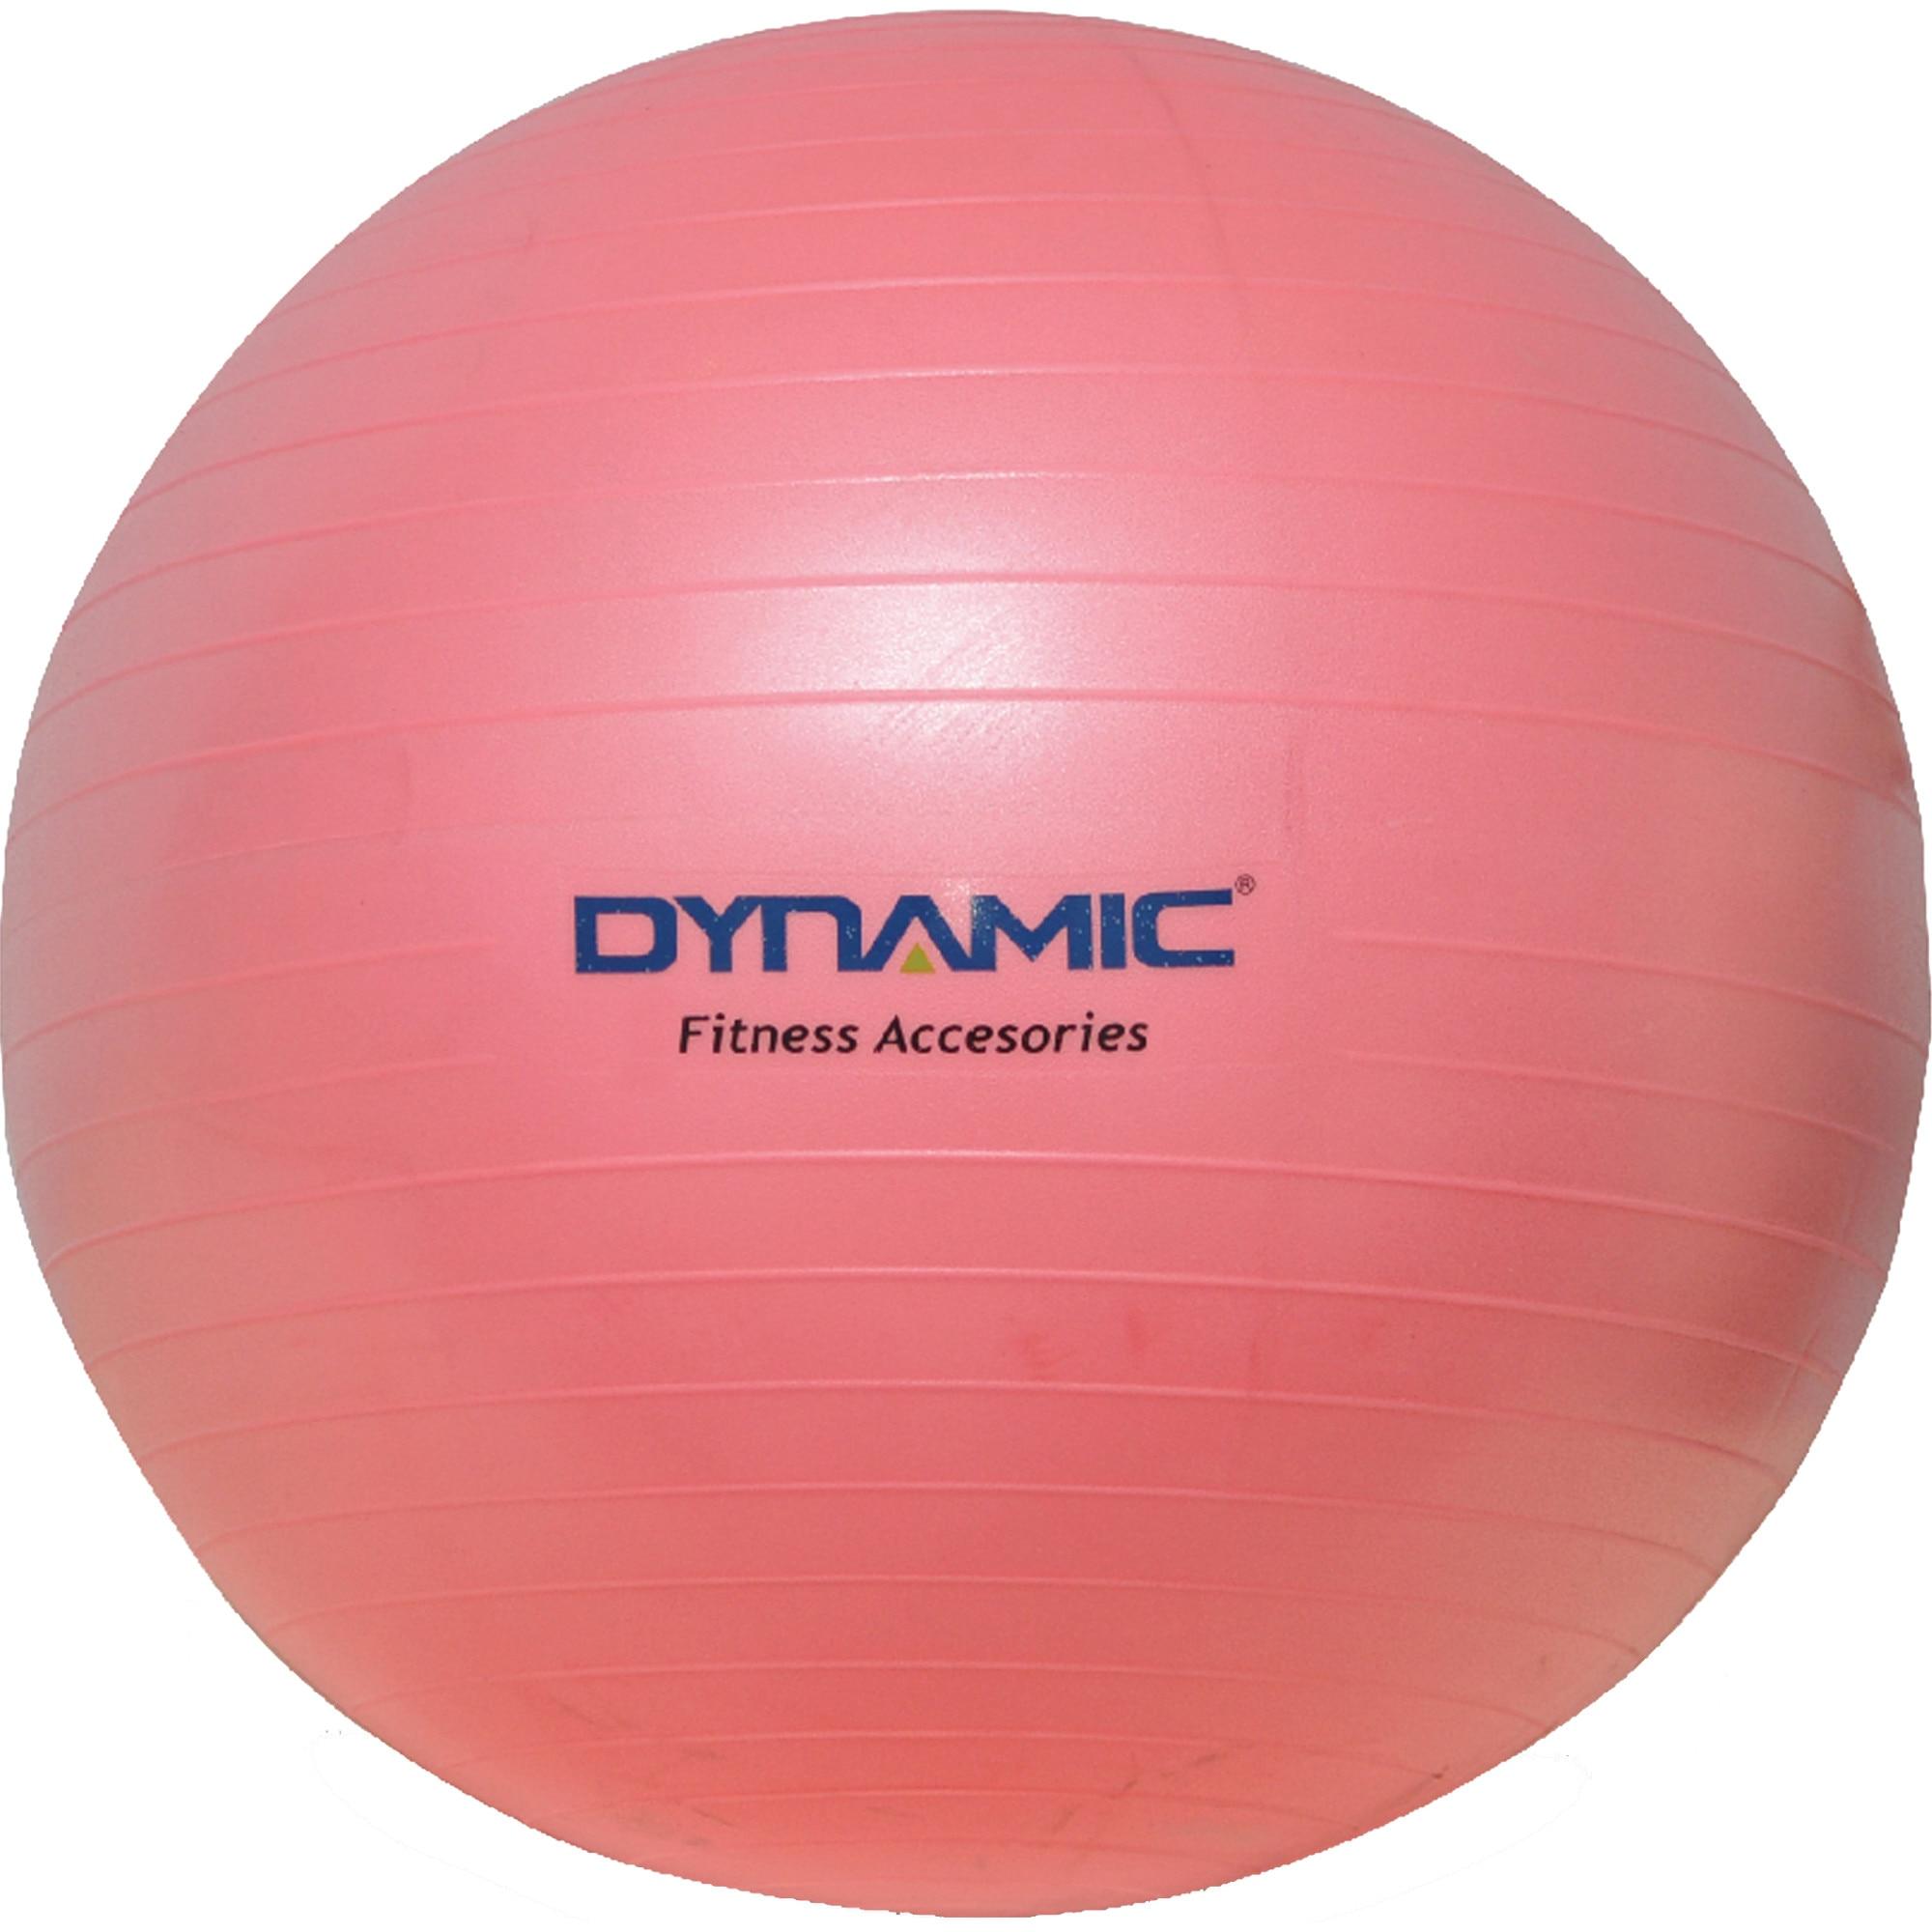 Fotografie Gym-ball fitness Dynamic, 65 cm, cu pompa, culoare roz